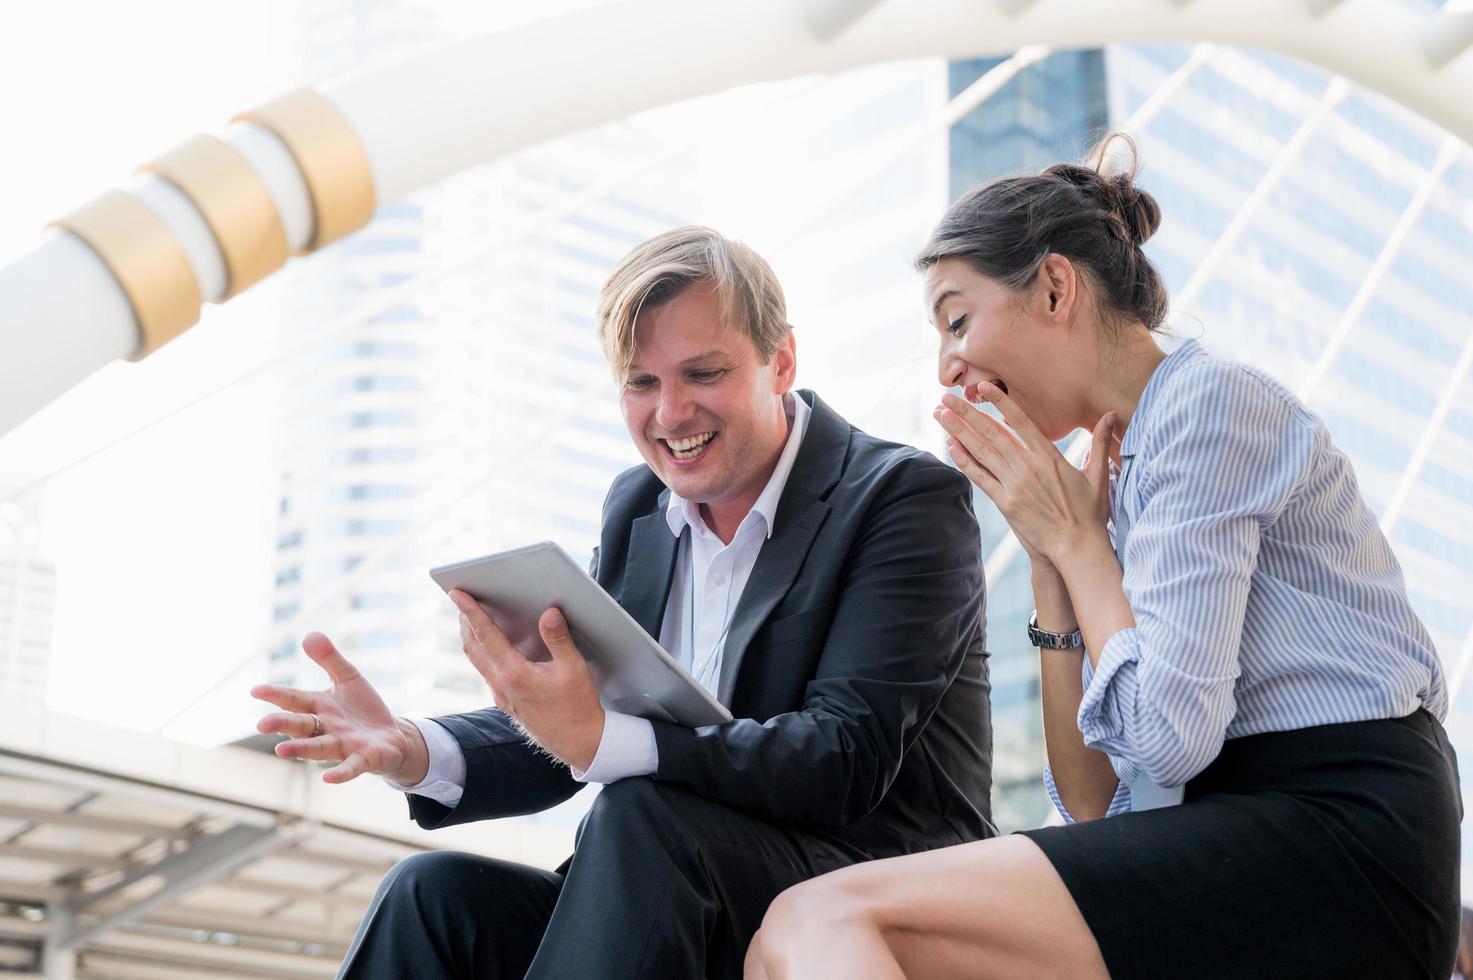 retrato, de, hombre de negocios, y, mujer, mirar, tableta foto